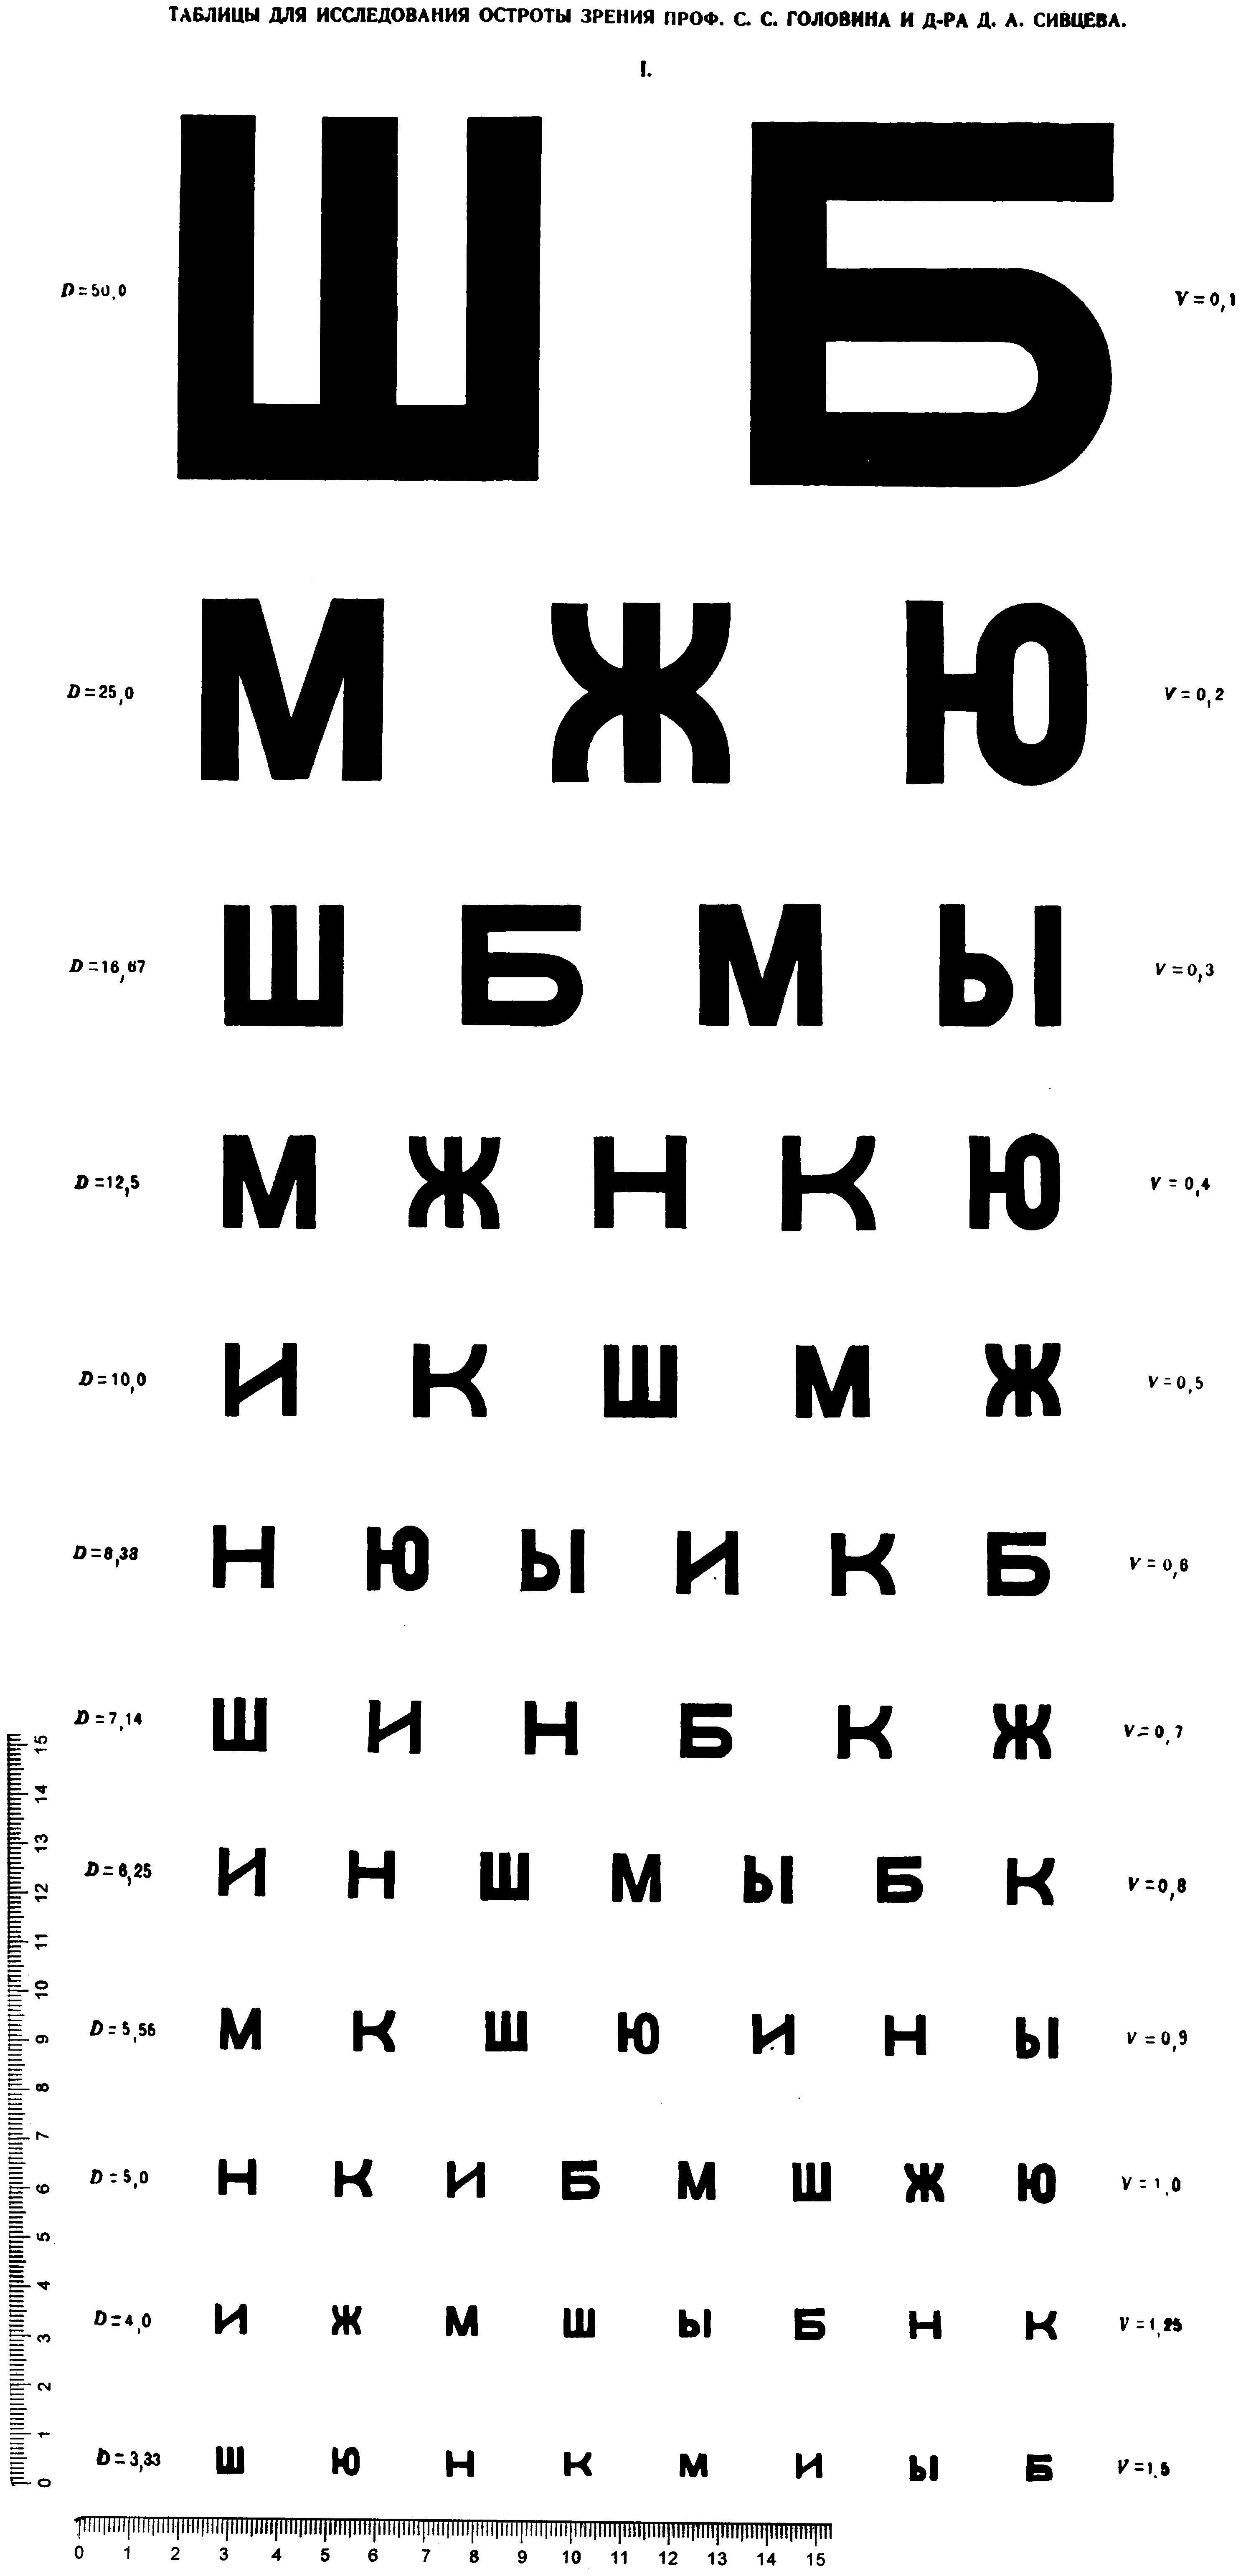 таблица снеллена на русском скачать